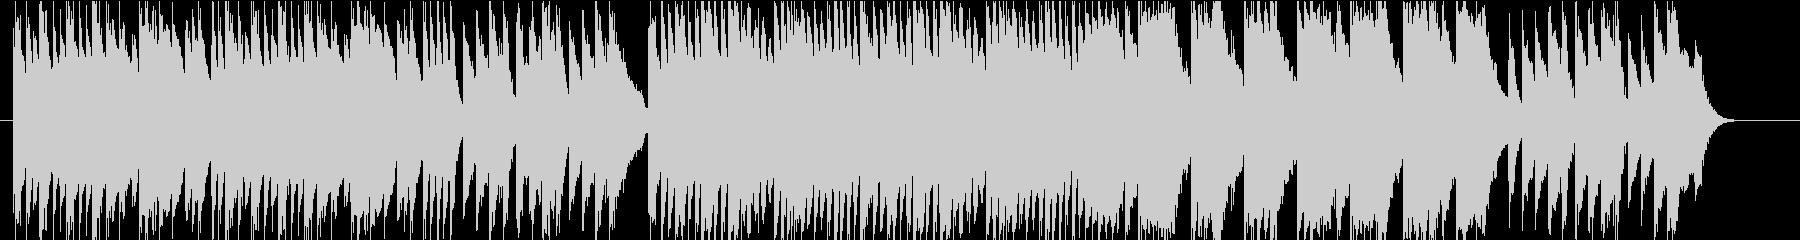 クラシック調のピアノBGMの未再生の波形